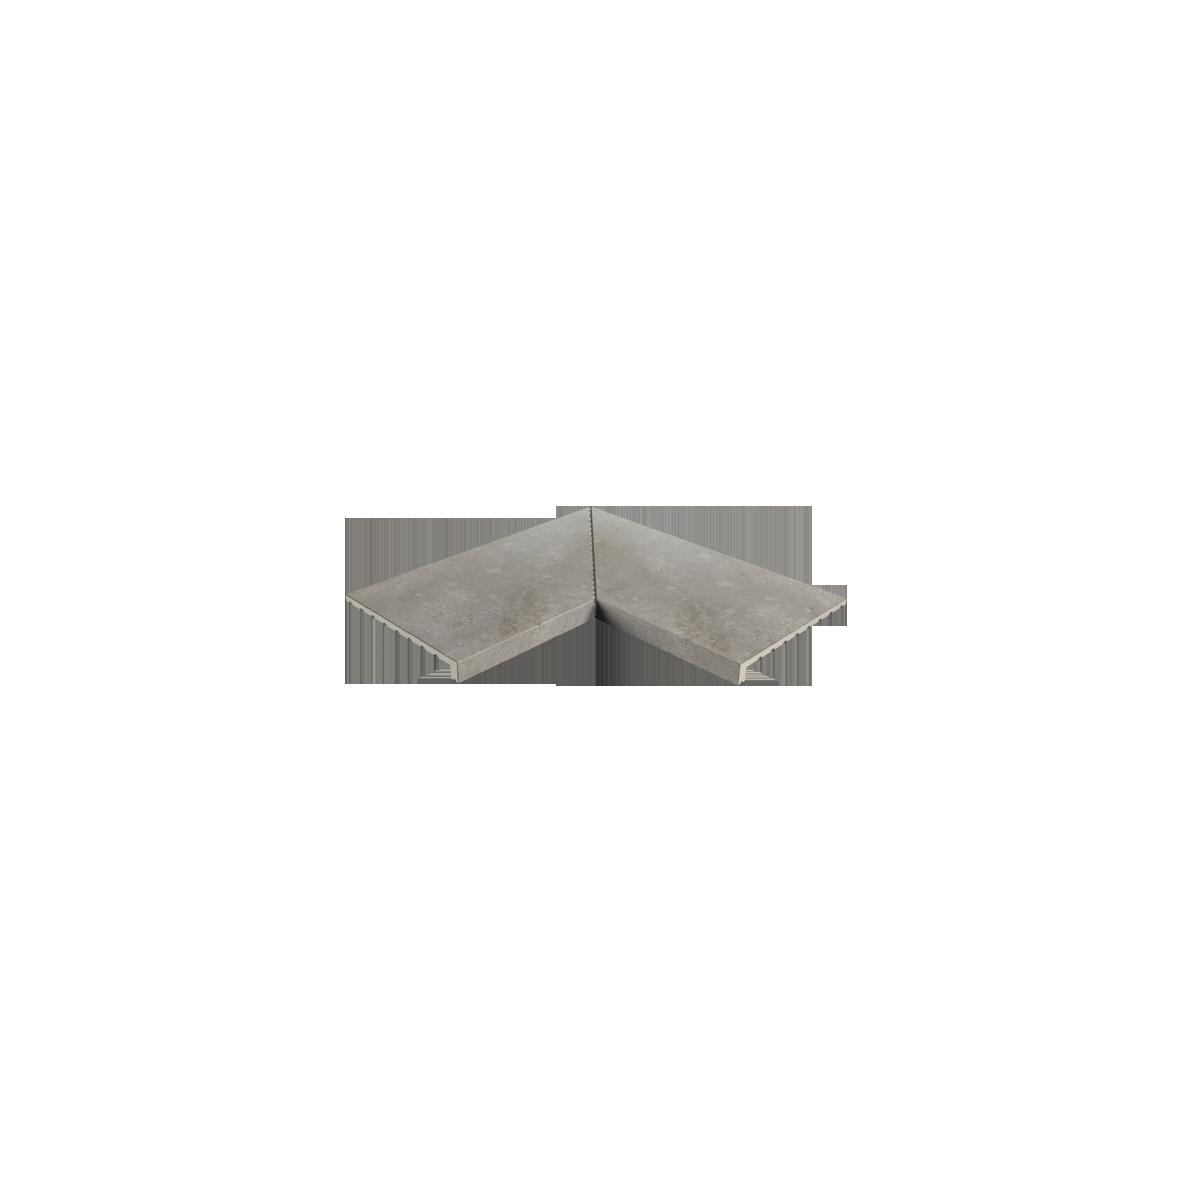 Esquina interior recta Mistery Grey E62 62,6x62,6x3,8